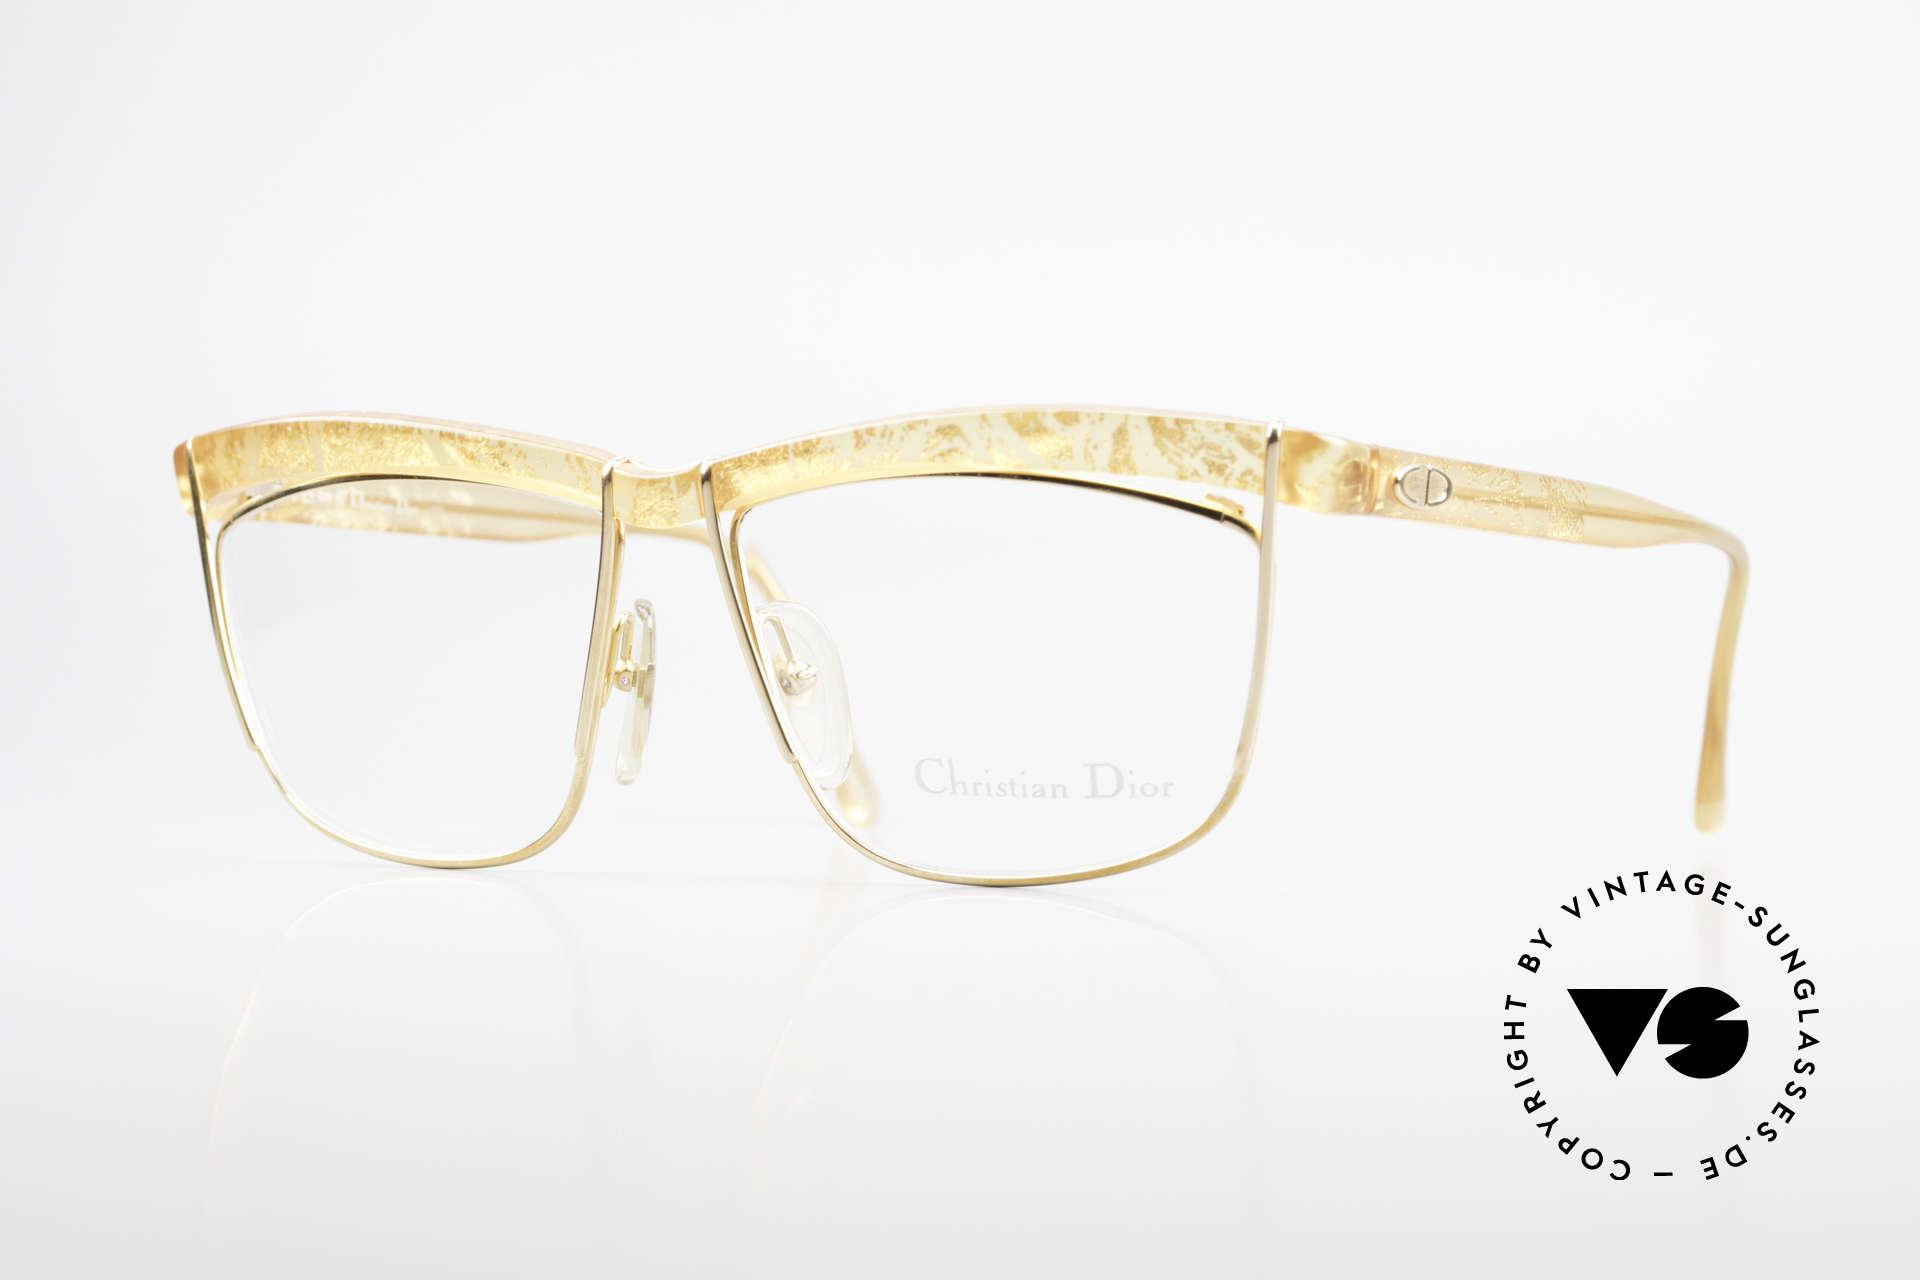 Christian Dior 2552 90er Vintage Brille Damen, außergewöhnliche Dior Brillenfassung von 1990, Passend für Damen